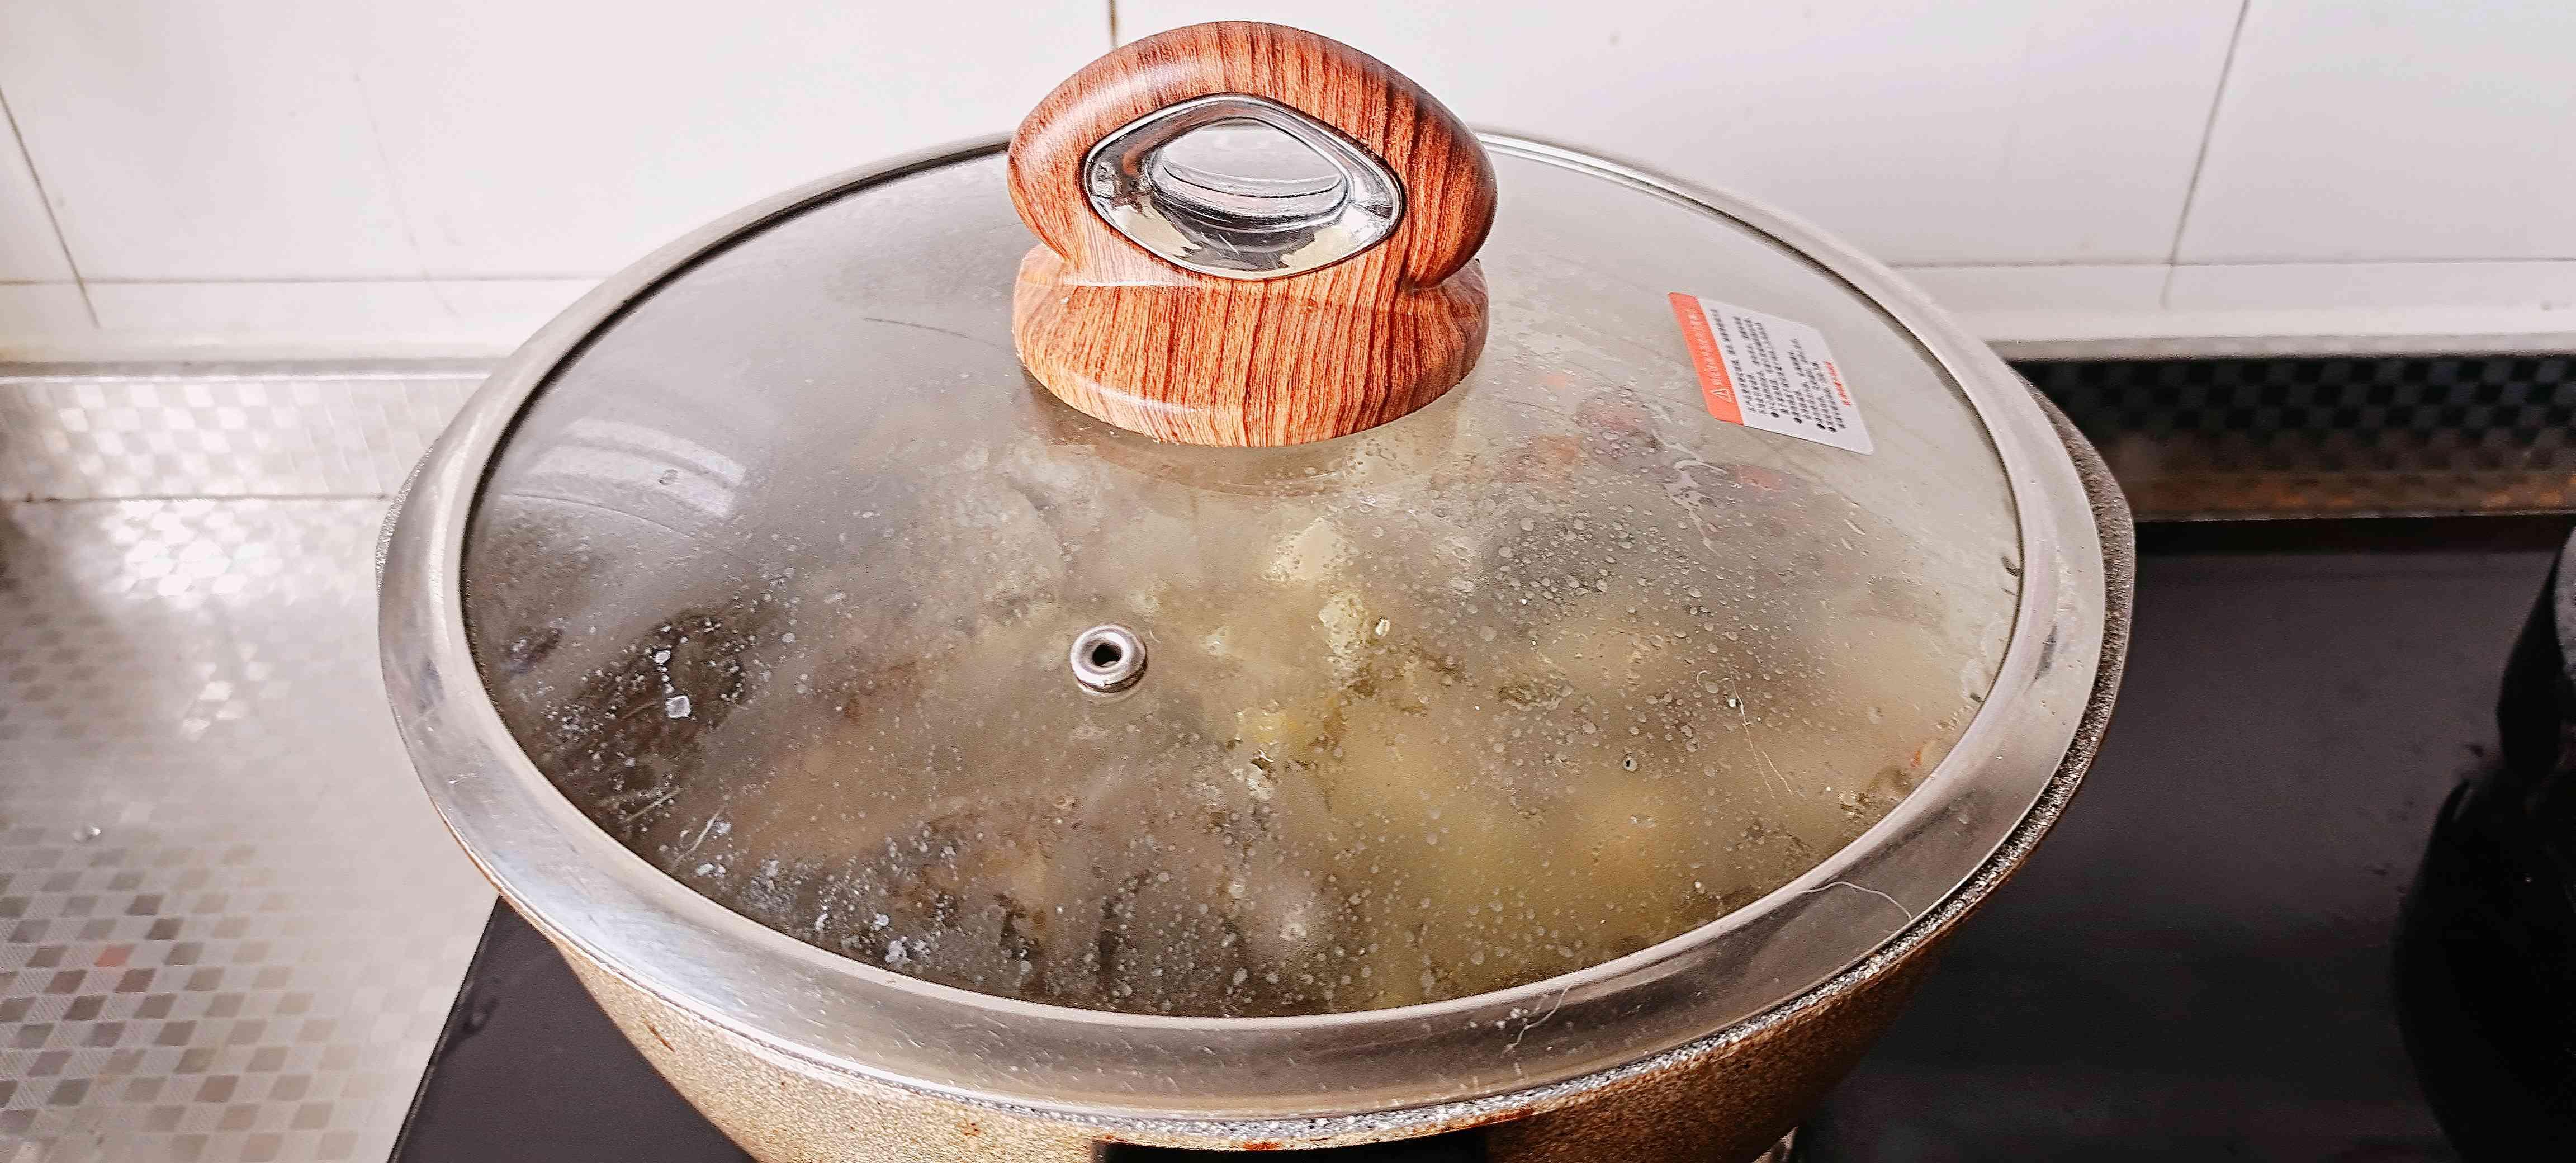 好吃的酸菜鱼做法,10分钟学会~酸菜鱼怎么煮